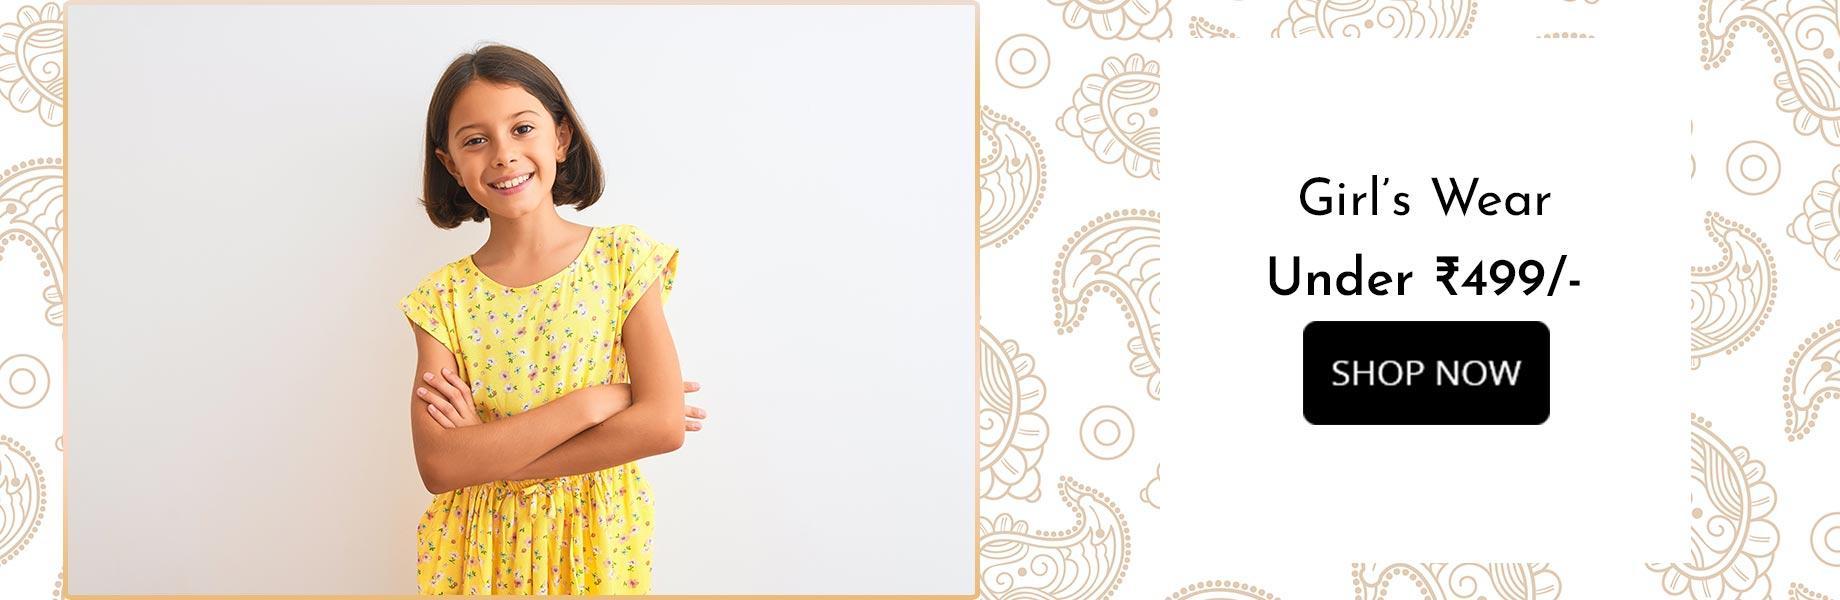 girlsWear_web.jpg